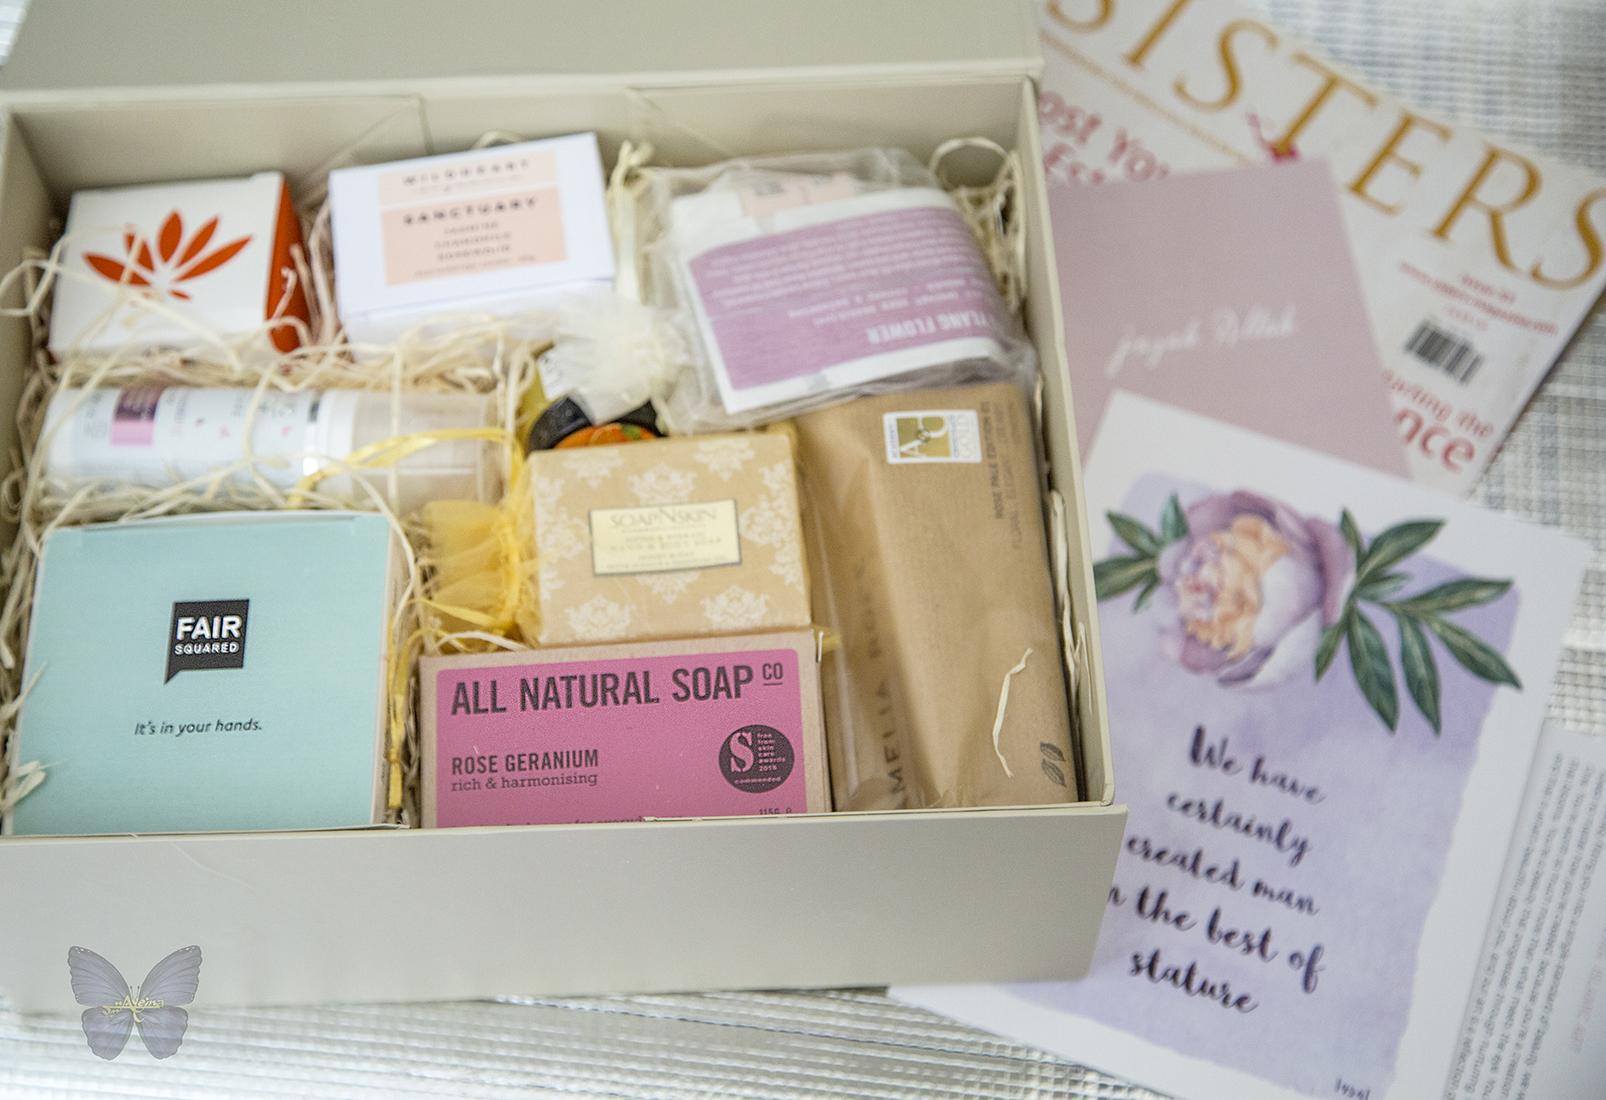 muslim women box, art print, organic cream, handmade soap, sisters magazine, ayeina, samina farooq